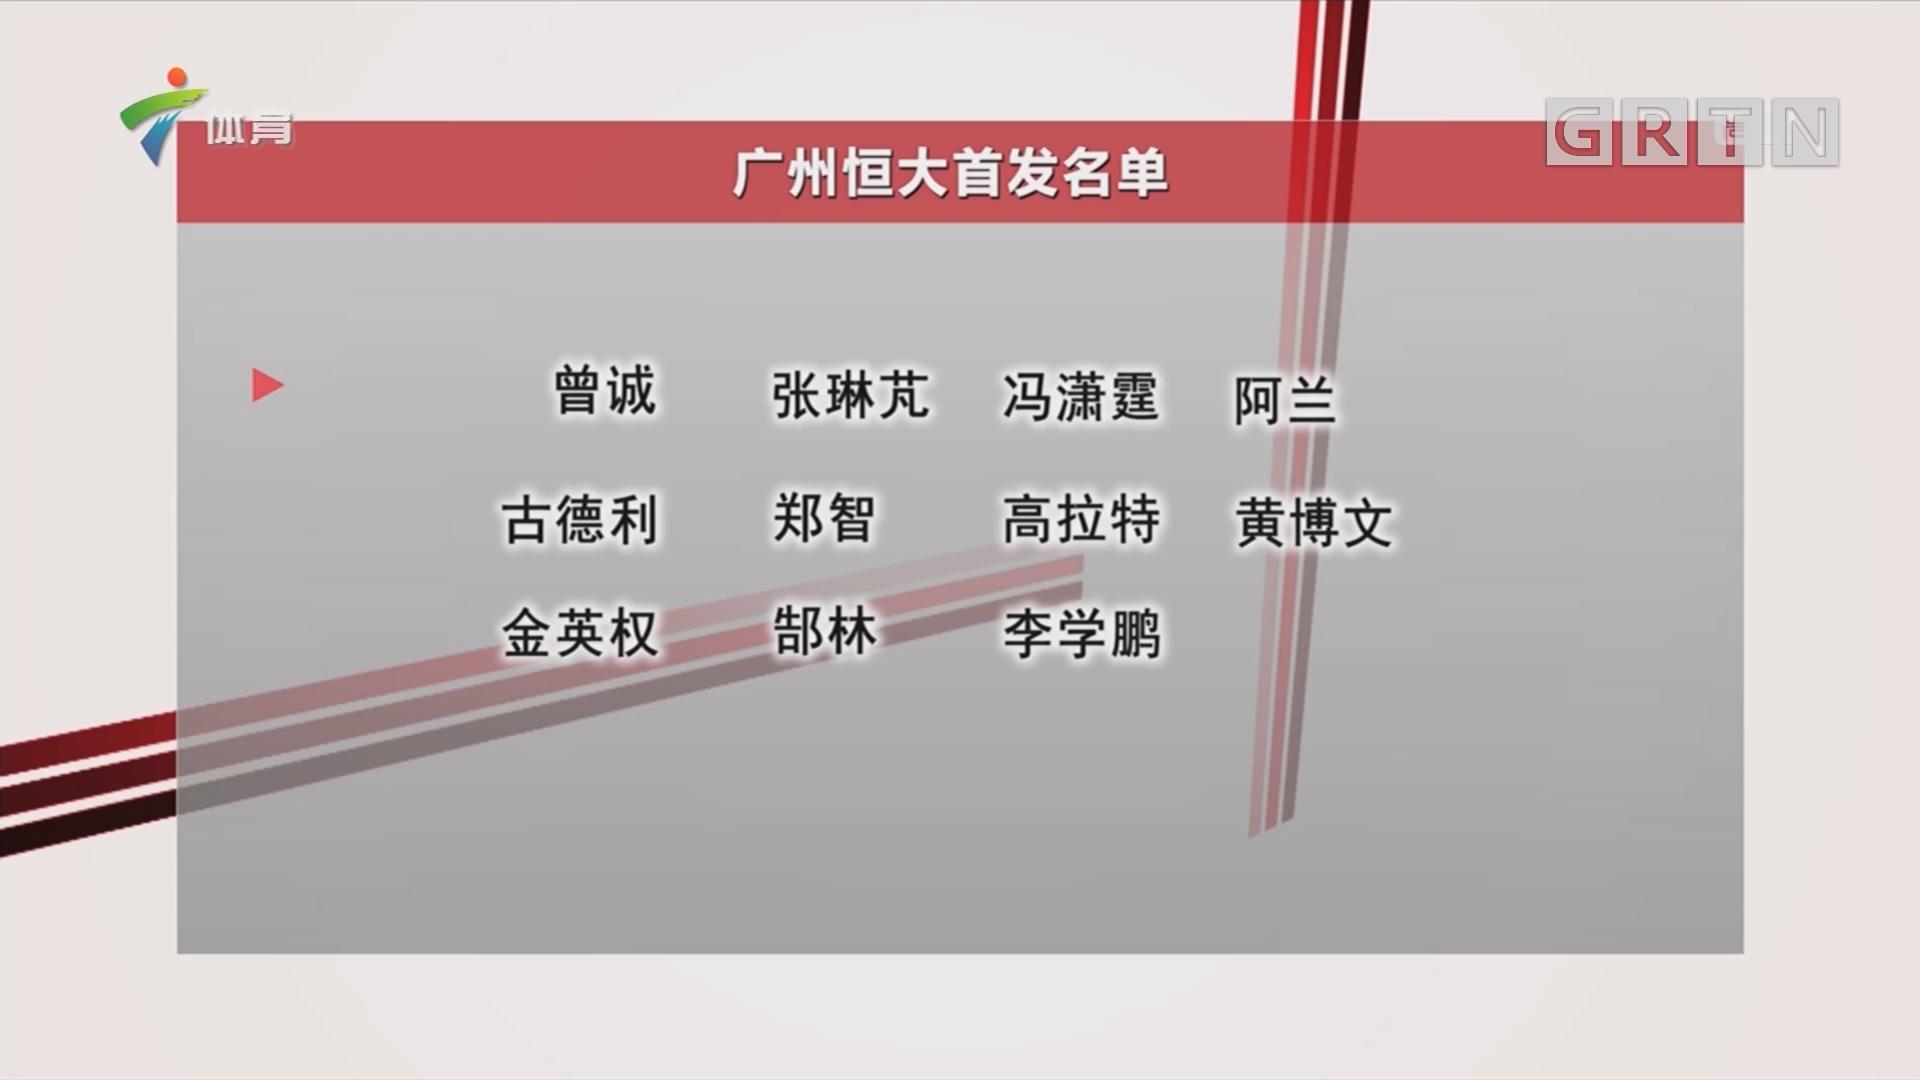 广州恒大首发名单